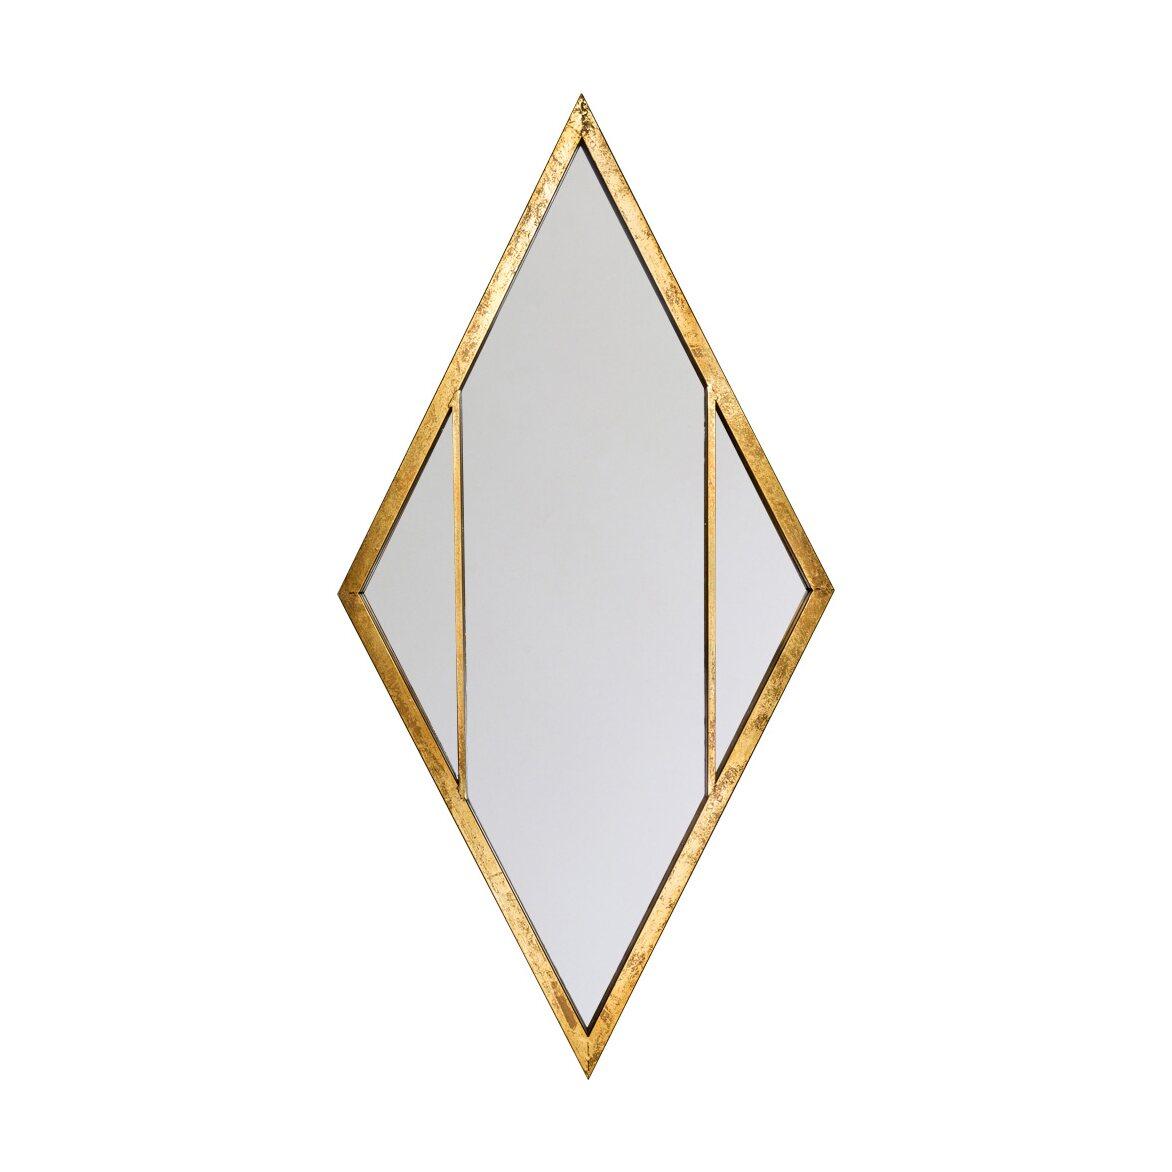 Настенное зеркало «Санторини» | Настенные зеркала Kingsby